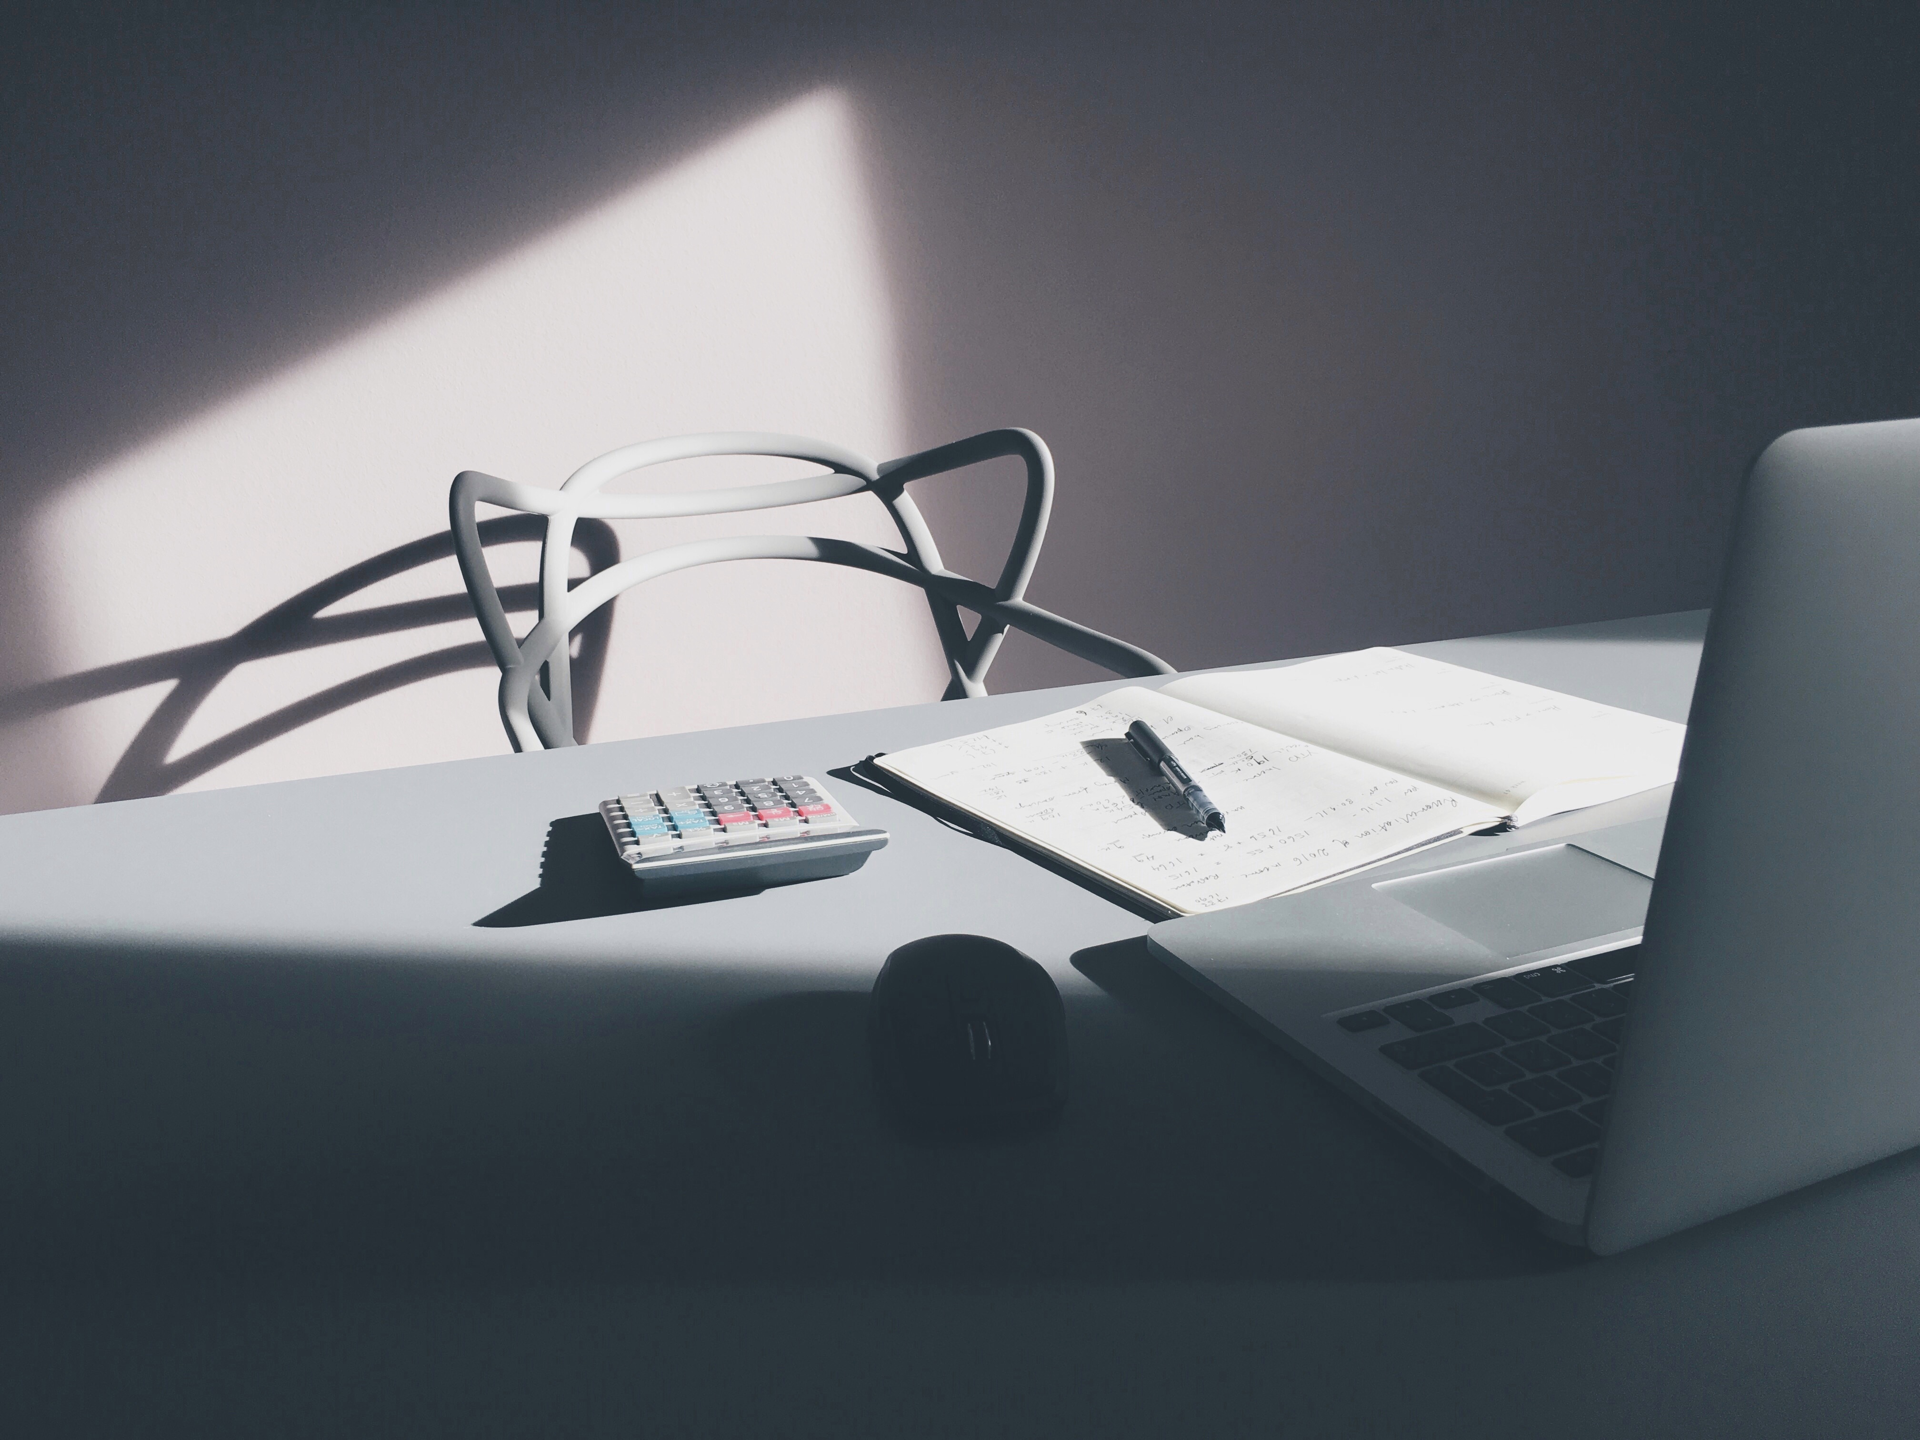 فایل اکسل مدارک مورد نیاز برای هزینه های مورد تایید دارایی